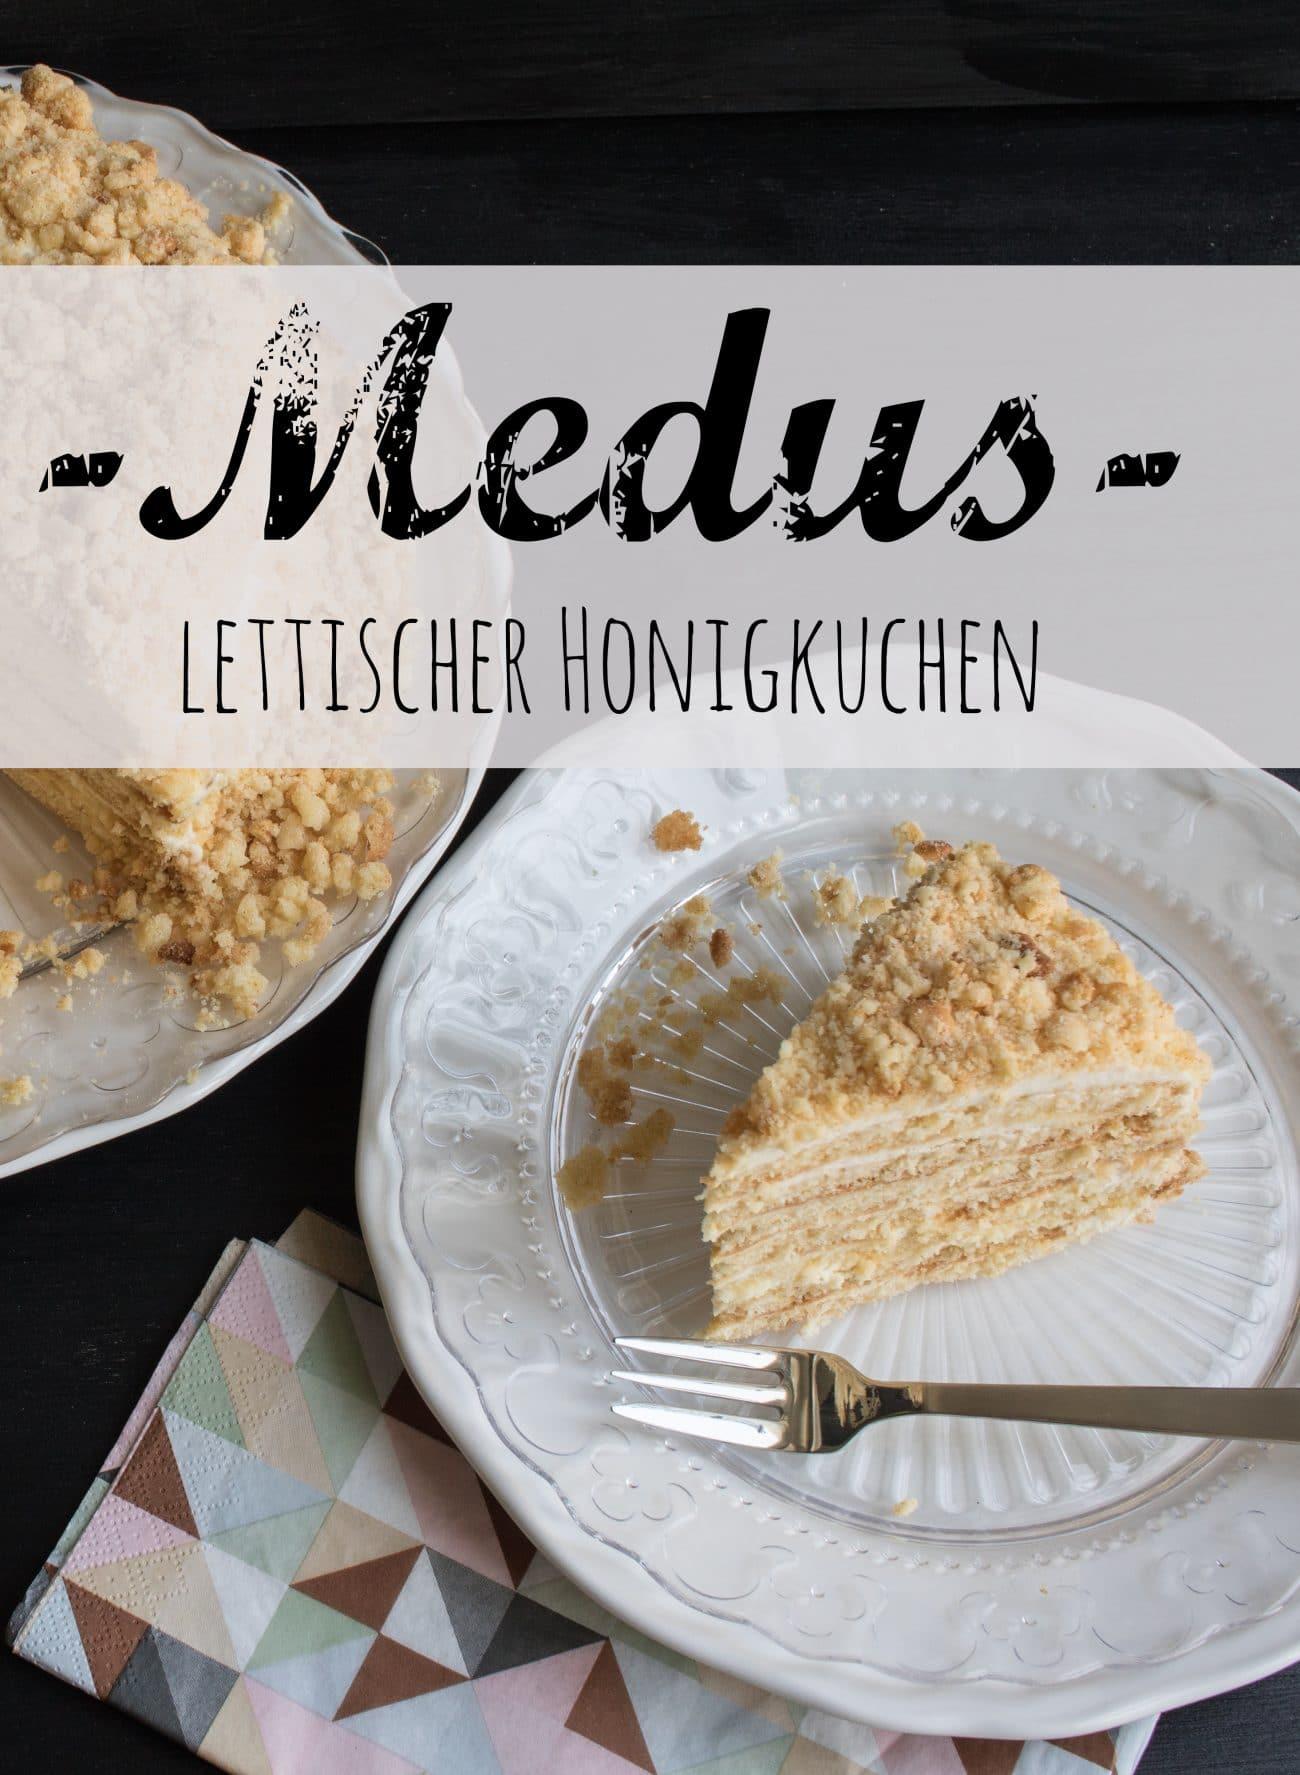 Lettischer Honigkuchen _ Rezept Medus